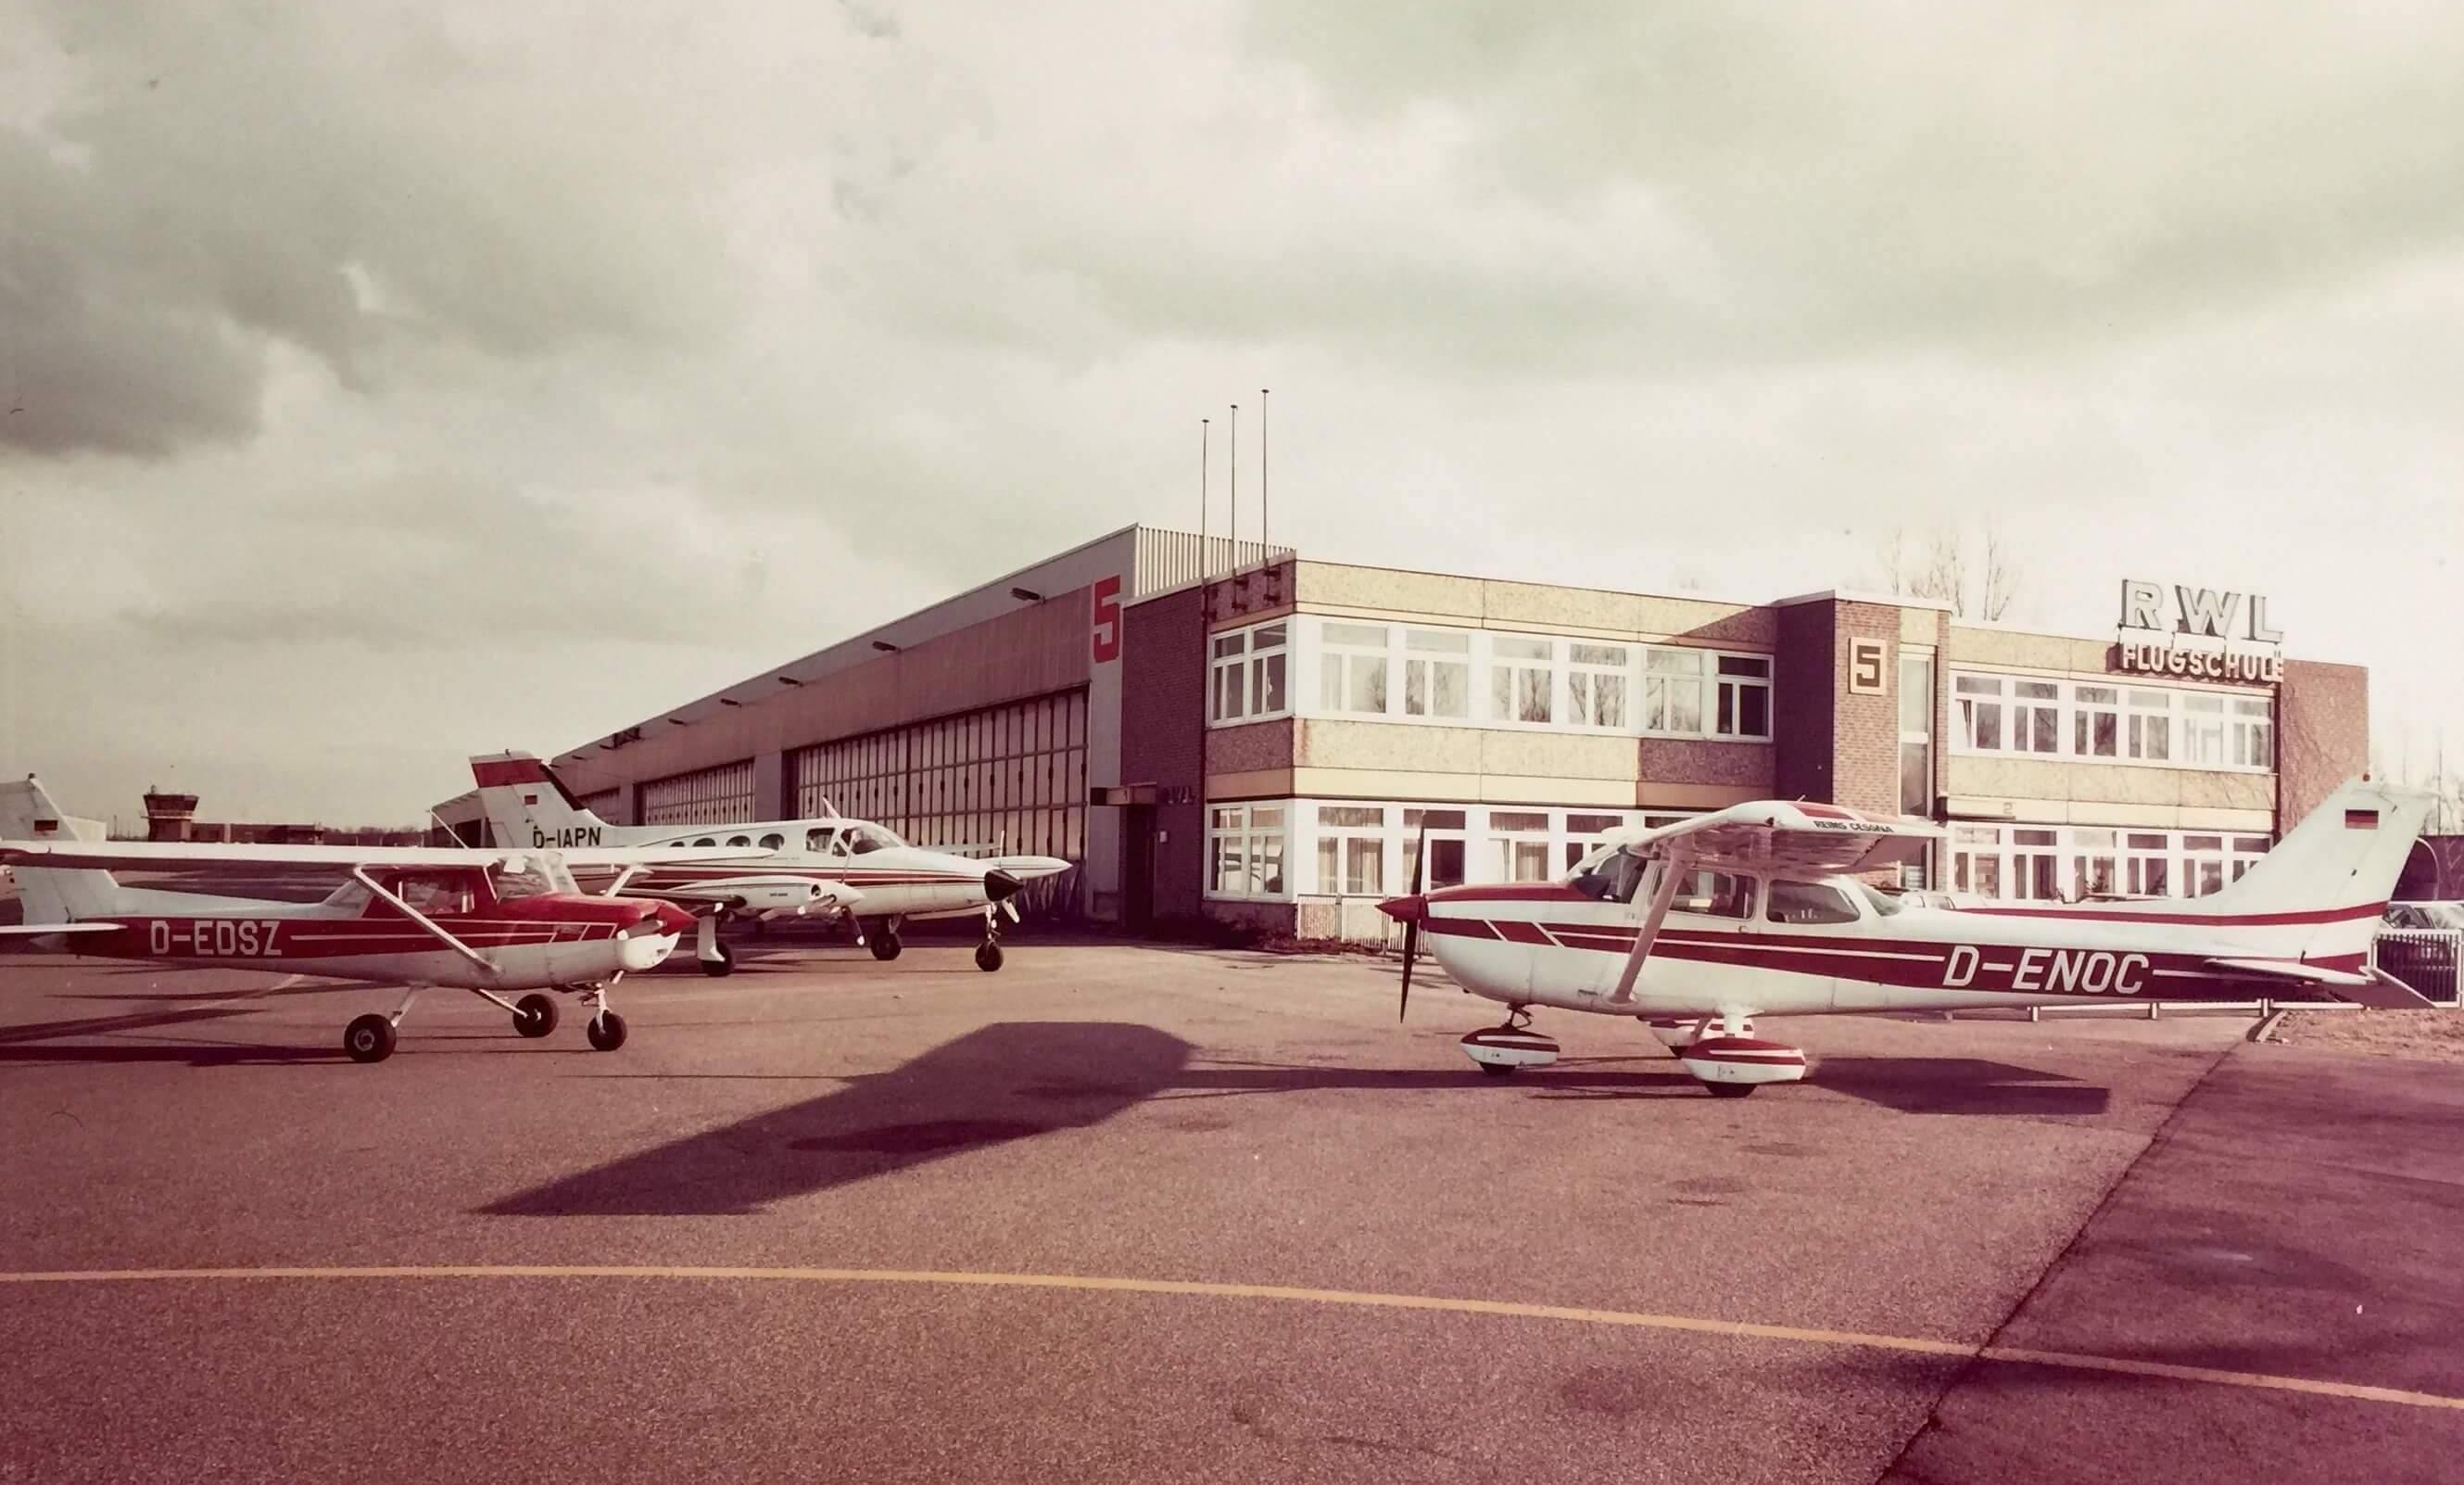 RWL Flugschule Mönchengladbach - altes Gebäude